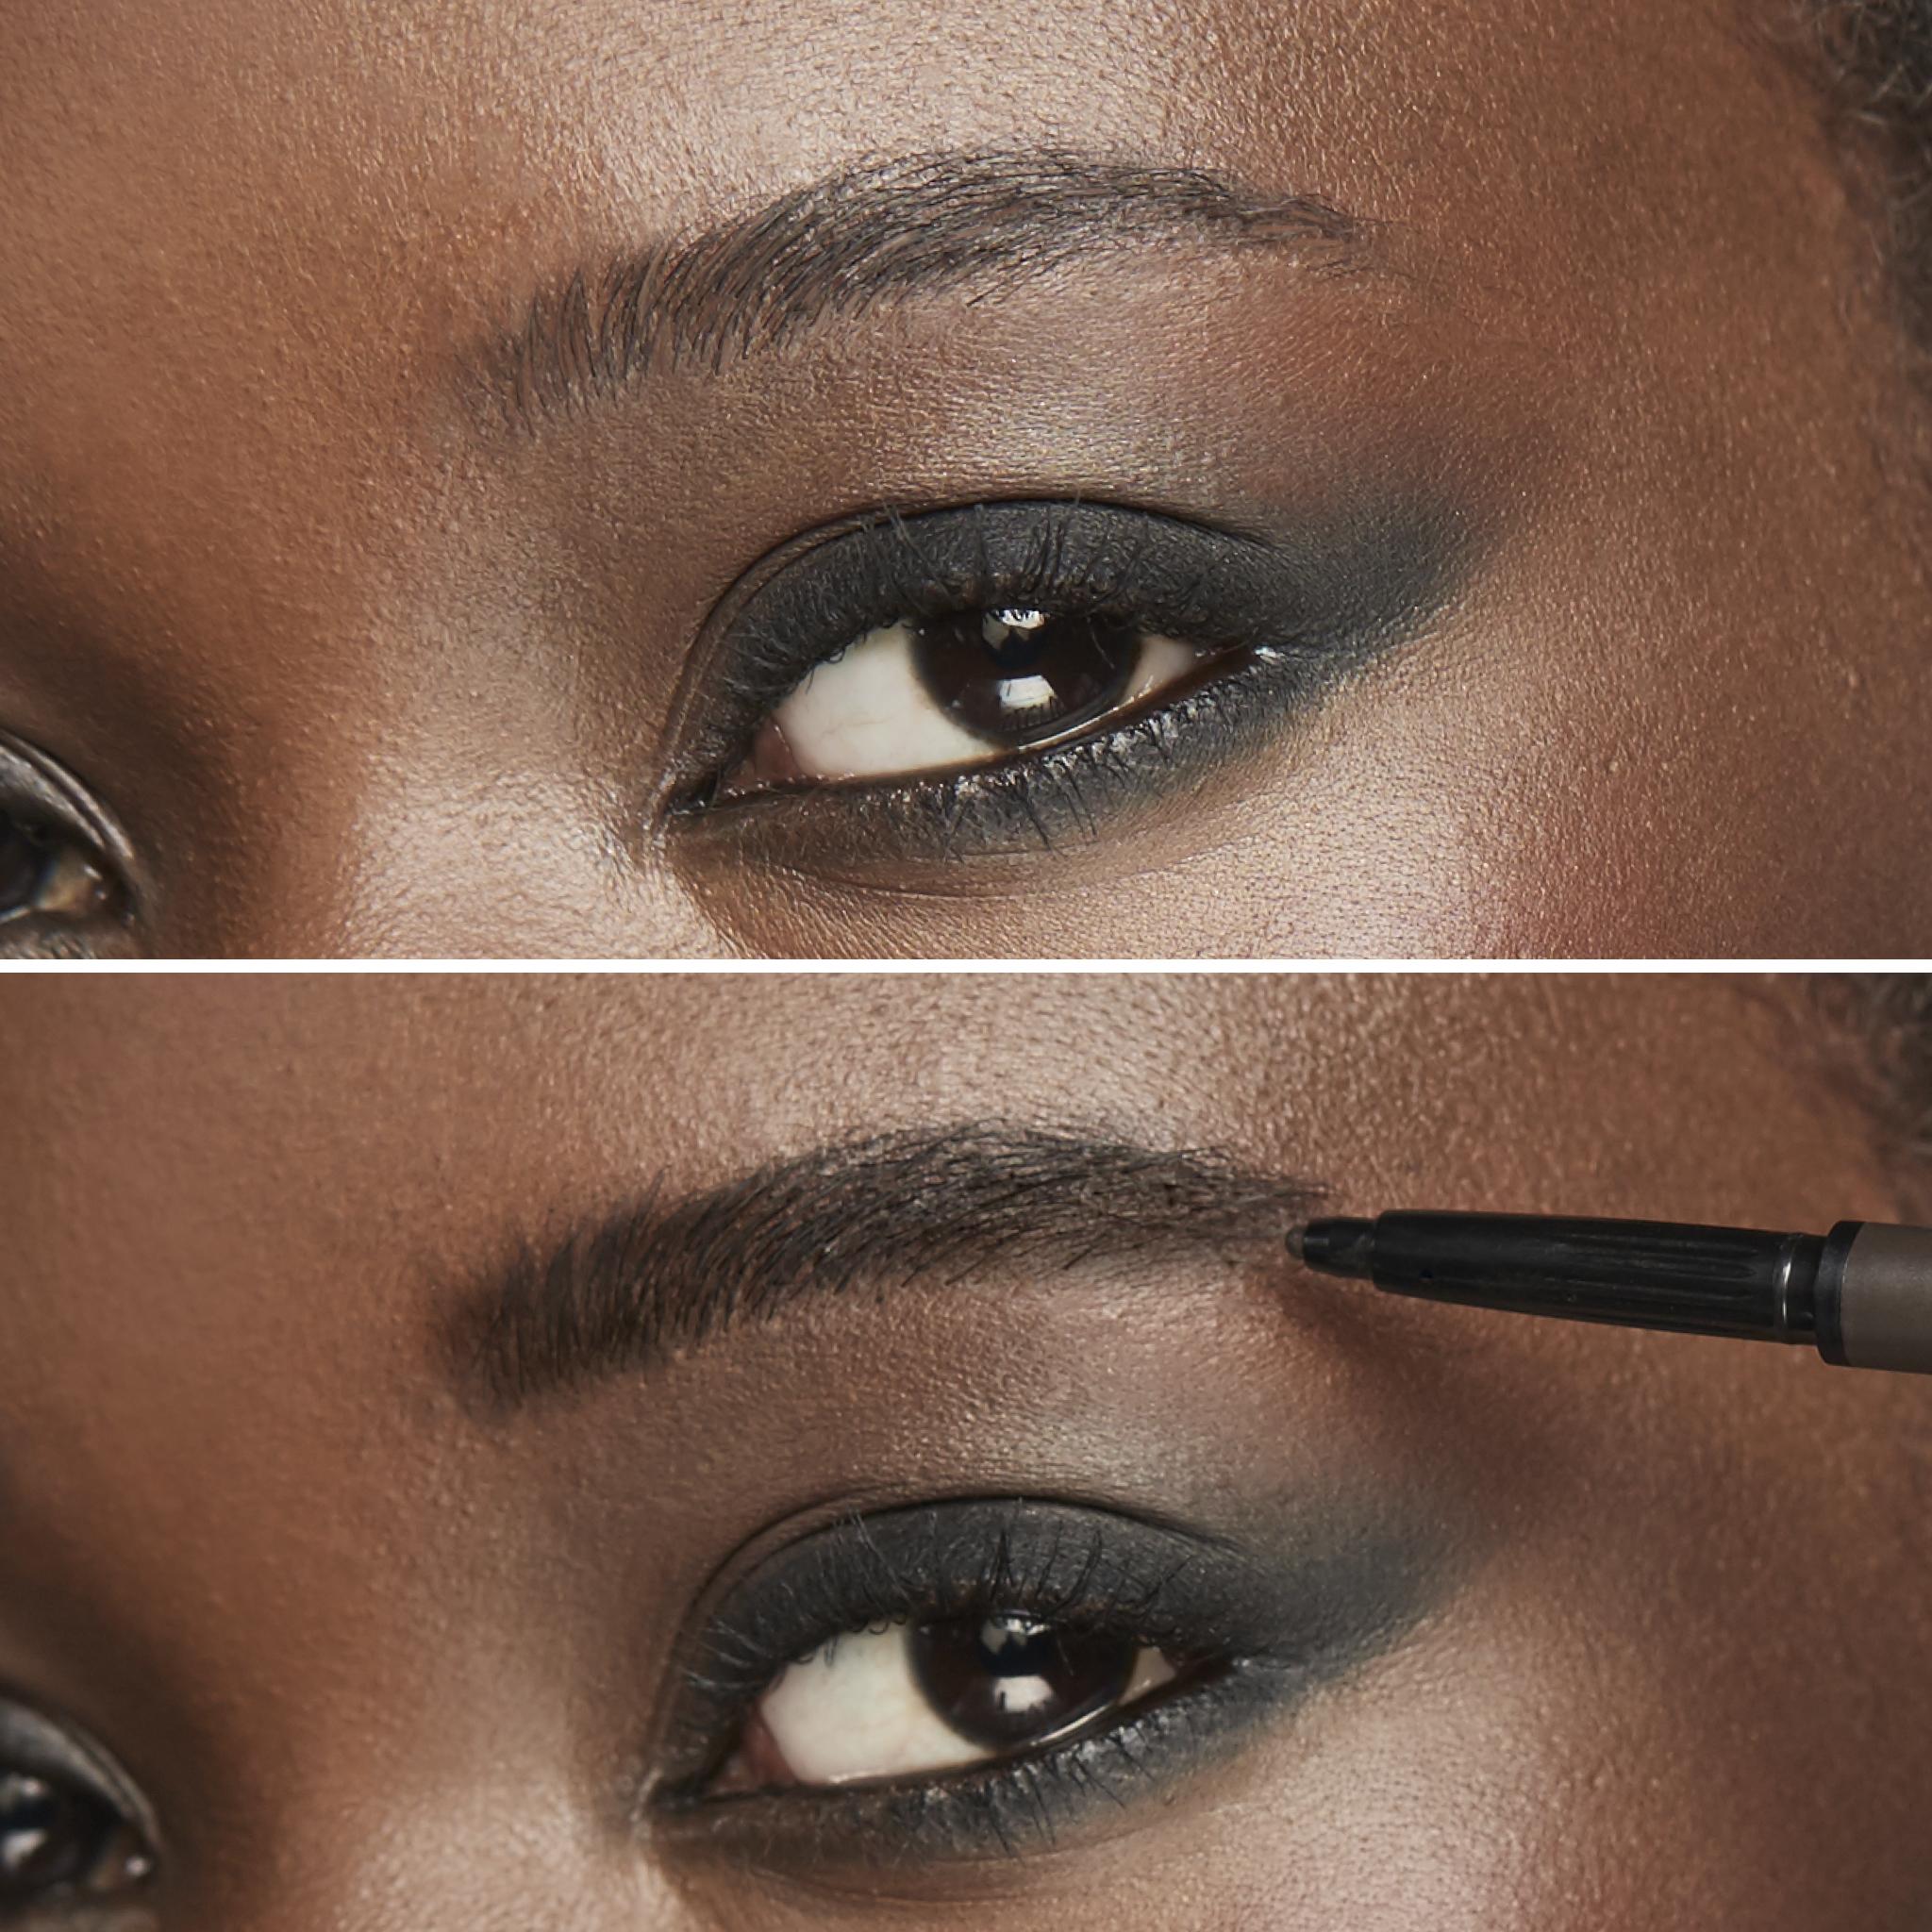 MAC Eye Brows Styler, spiked